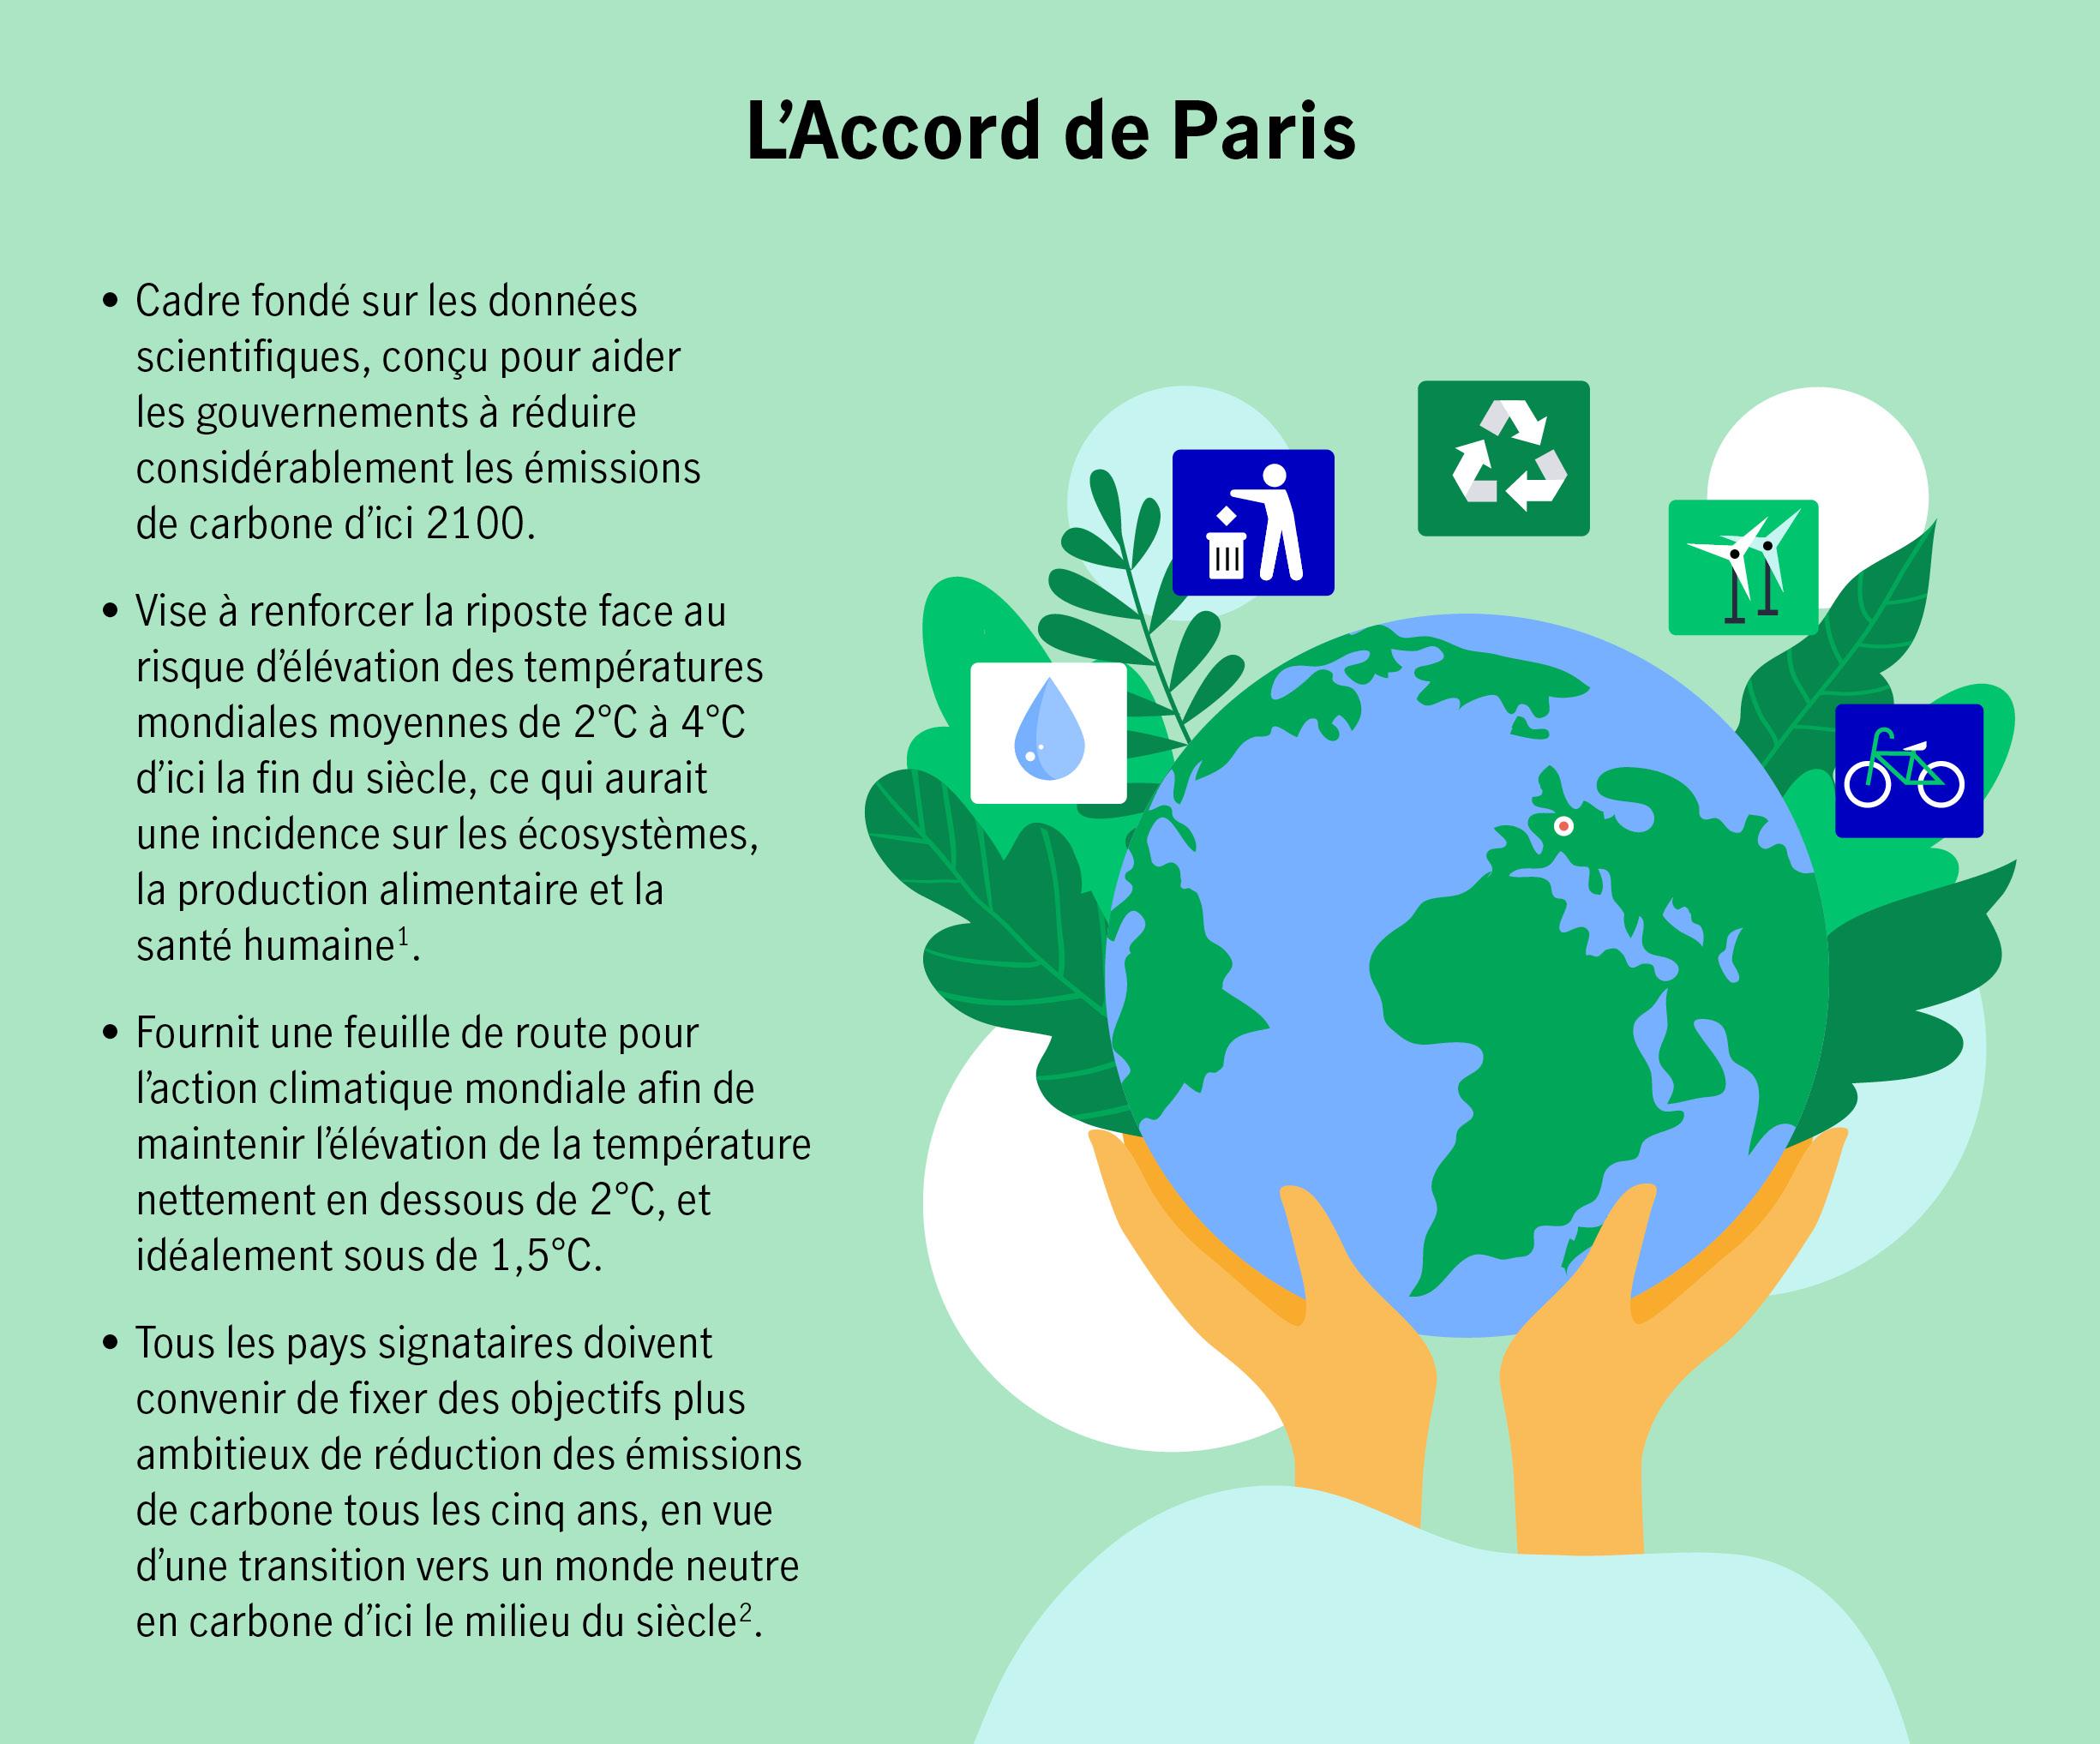 L'Accord de Paris •Cadre fondé sur les données scientifiques, conçu pour aider les gouvernements à réduire considérablement les émissions de carbone d'ici 2100. •Vise à renforcer la riposte face au risque d'élévation des températures mondiales moyennes de 2°C à 4°C d'ici la fin du siècle, ce qui aurait une incidence sur les écosystèmes, la production alimentaire et la santé humaine.   •Fournit une feuille de route pour l'action climatique mondiale afin de maintenir l'élévation de la température nettement en dessous de 2°C, et idéalement sous de 1,5°C. •Tous les pays signataires doivent convenir de fixer des objectifs plus ambitieux de réduction des émissions de carbone tous les cinq ans, en vue d'une transition vers un monde neutre en carbone d'ici le milieu du siècle.